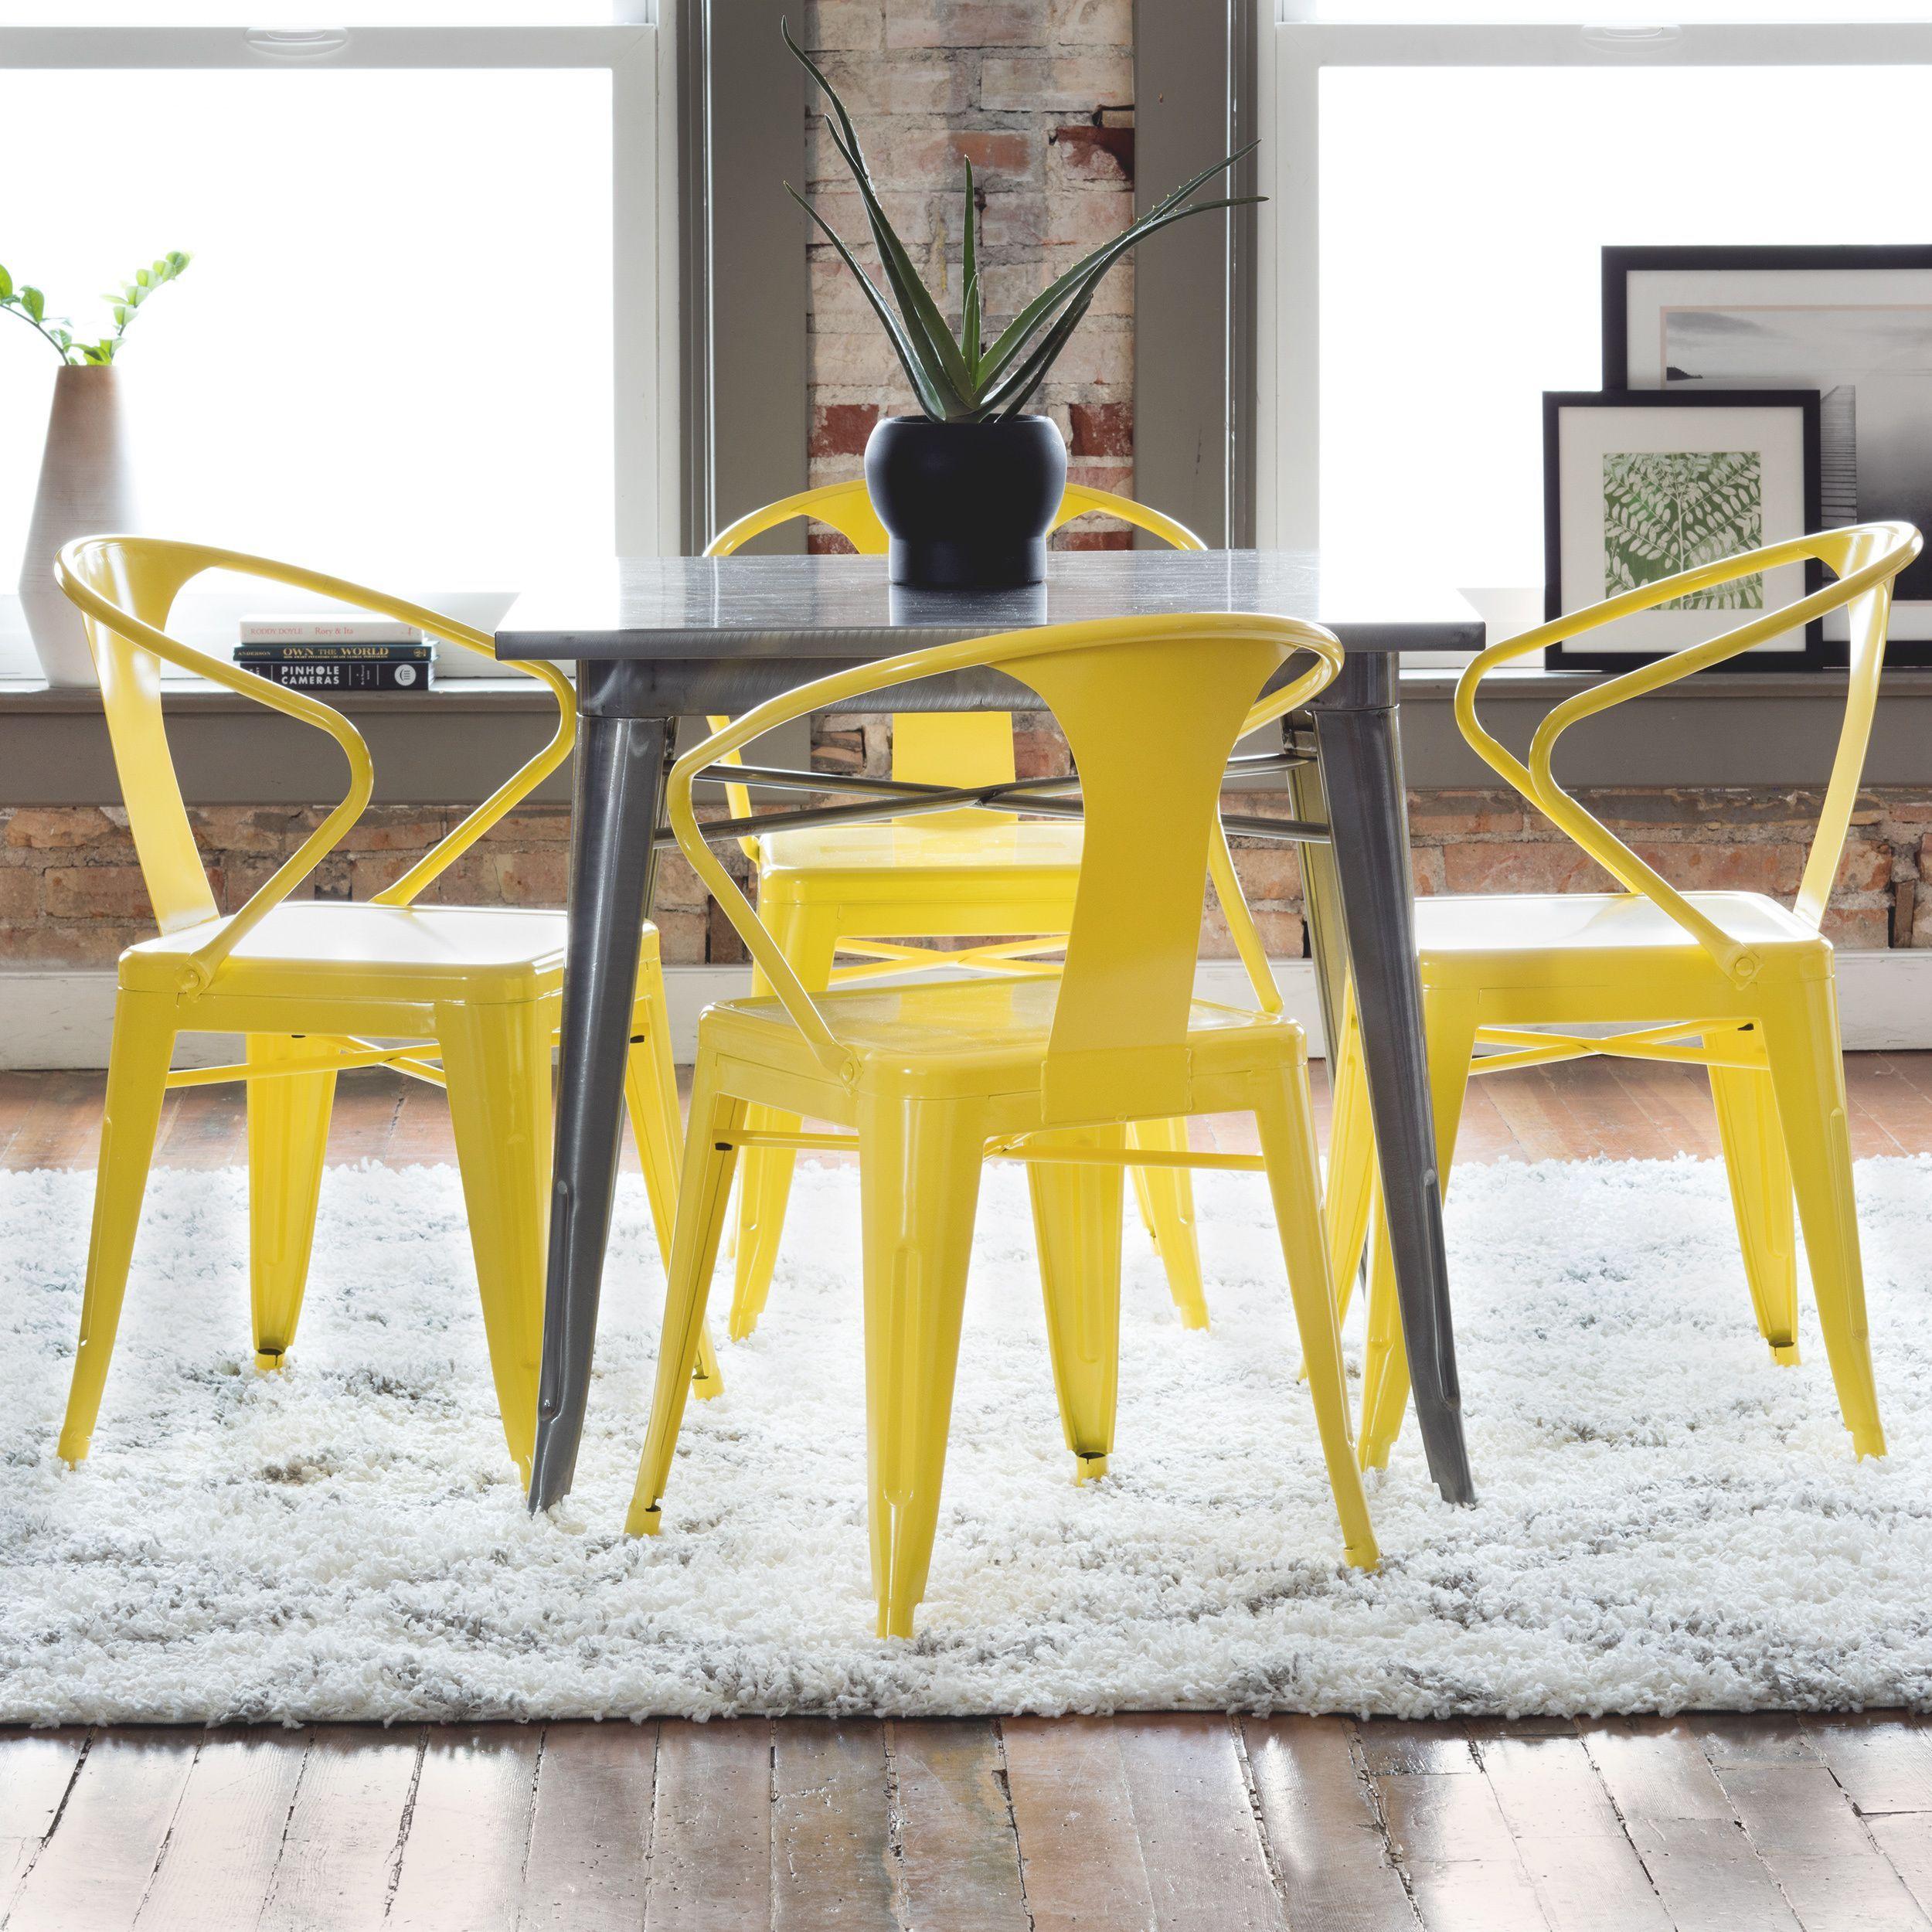 Tabouret Lemon Metal Stacking Chairs (Set of 9), Yellow  Metal